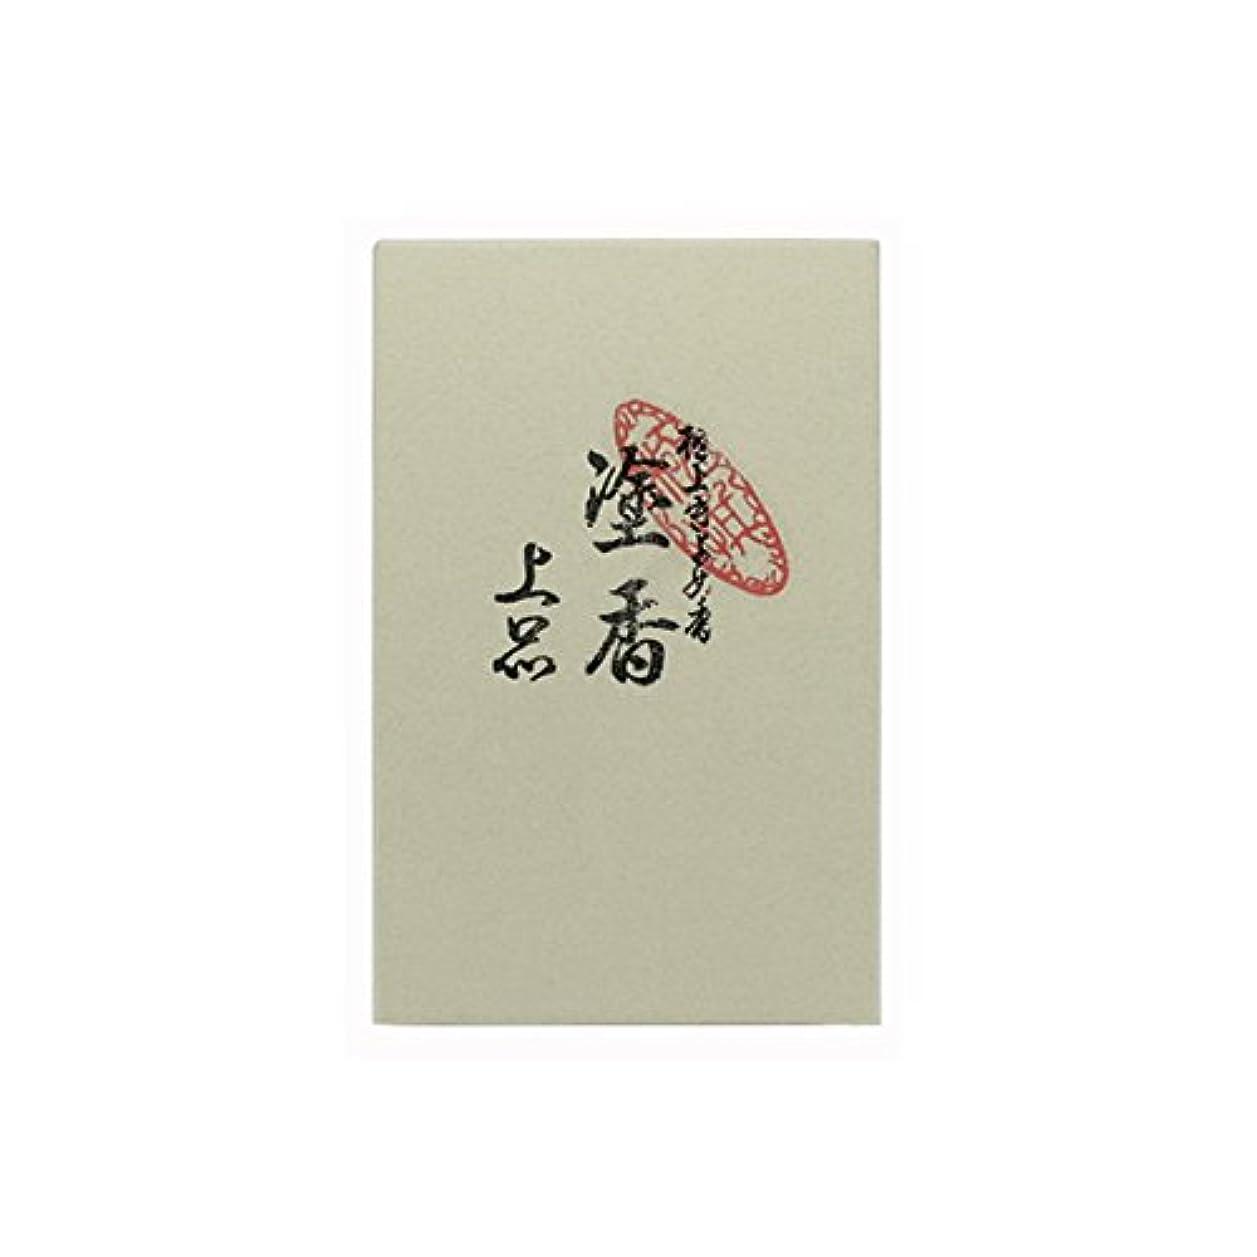 ちっちゃい病な電圧塗香(上品) 20g入